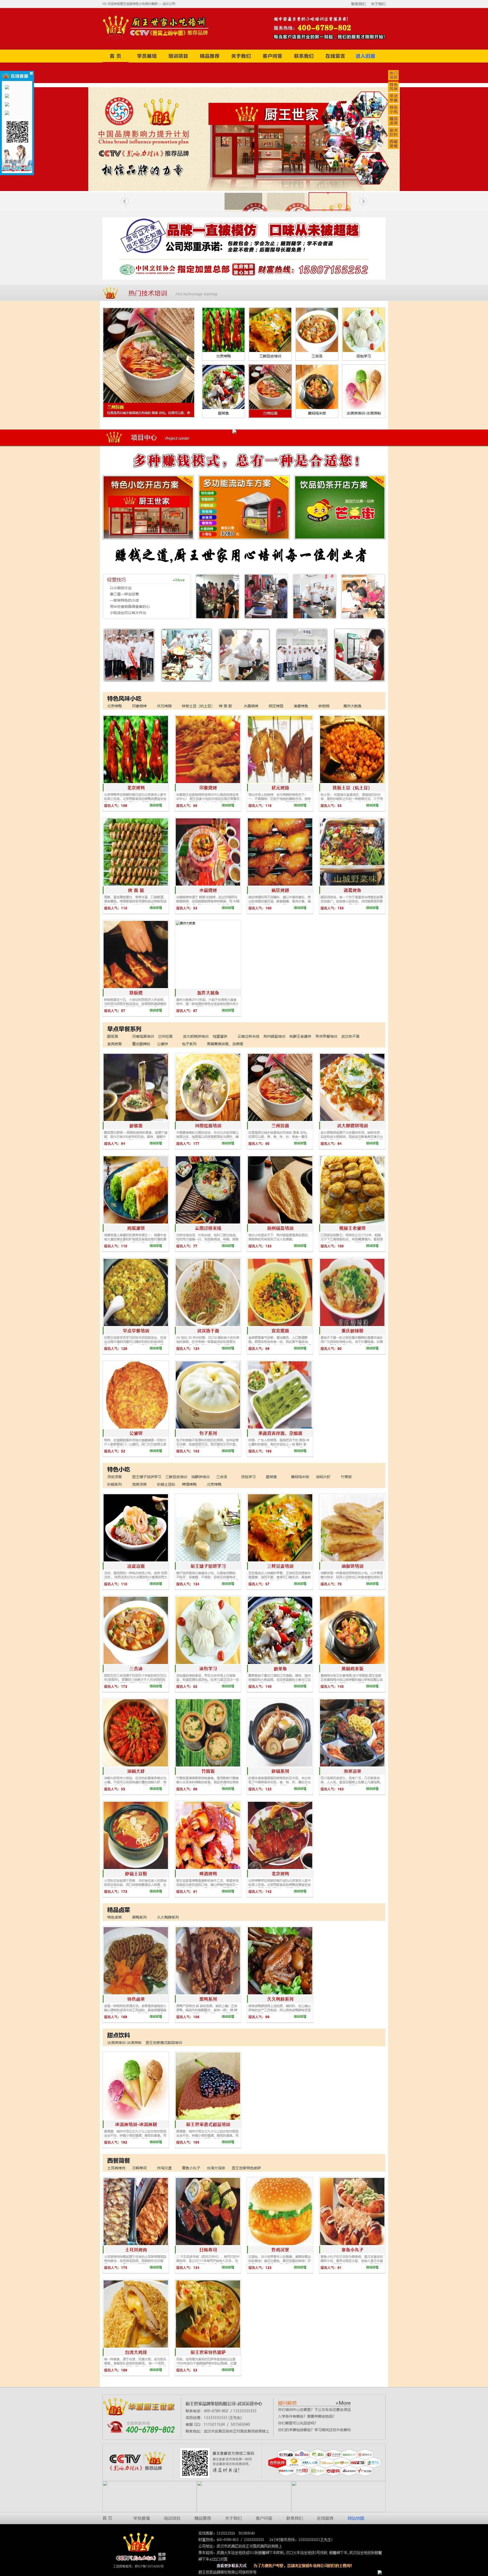 厨房食品美食小吃培训中心网站织梦dedecms模板